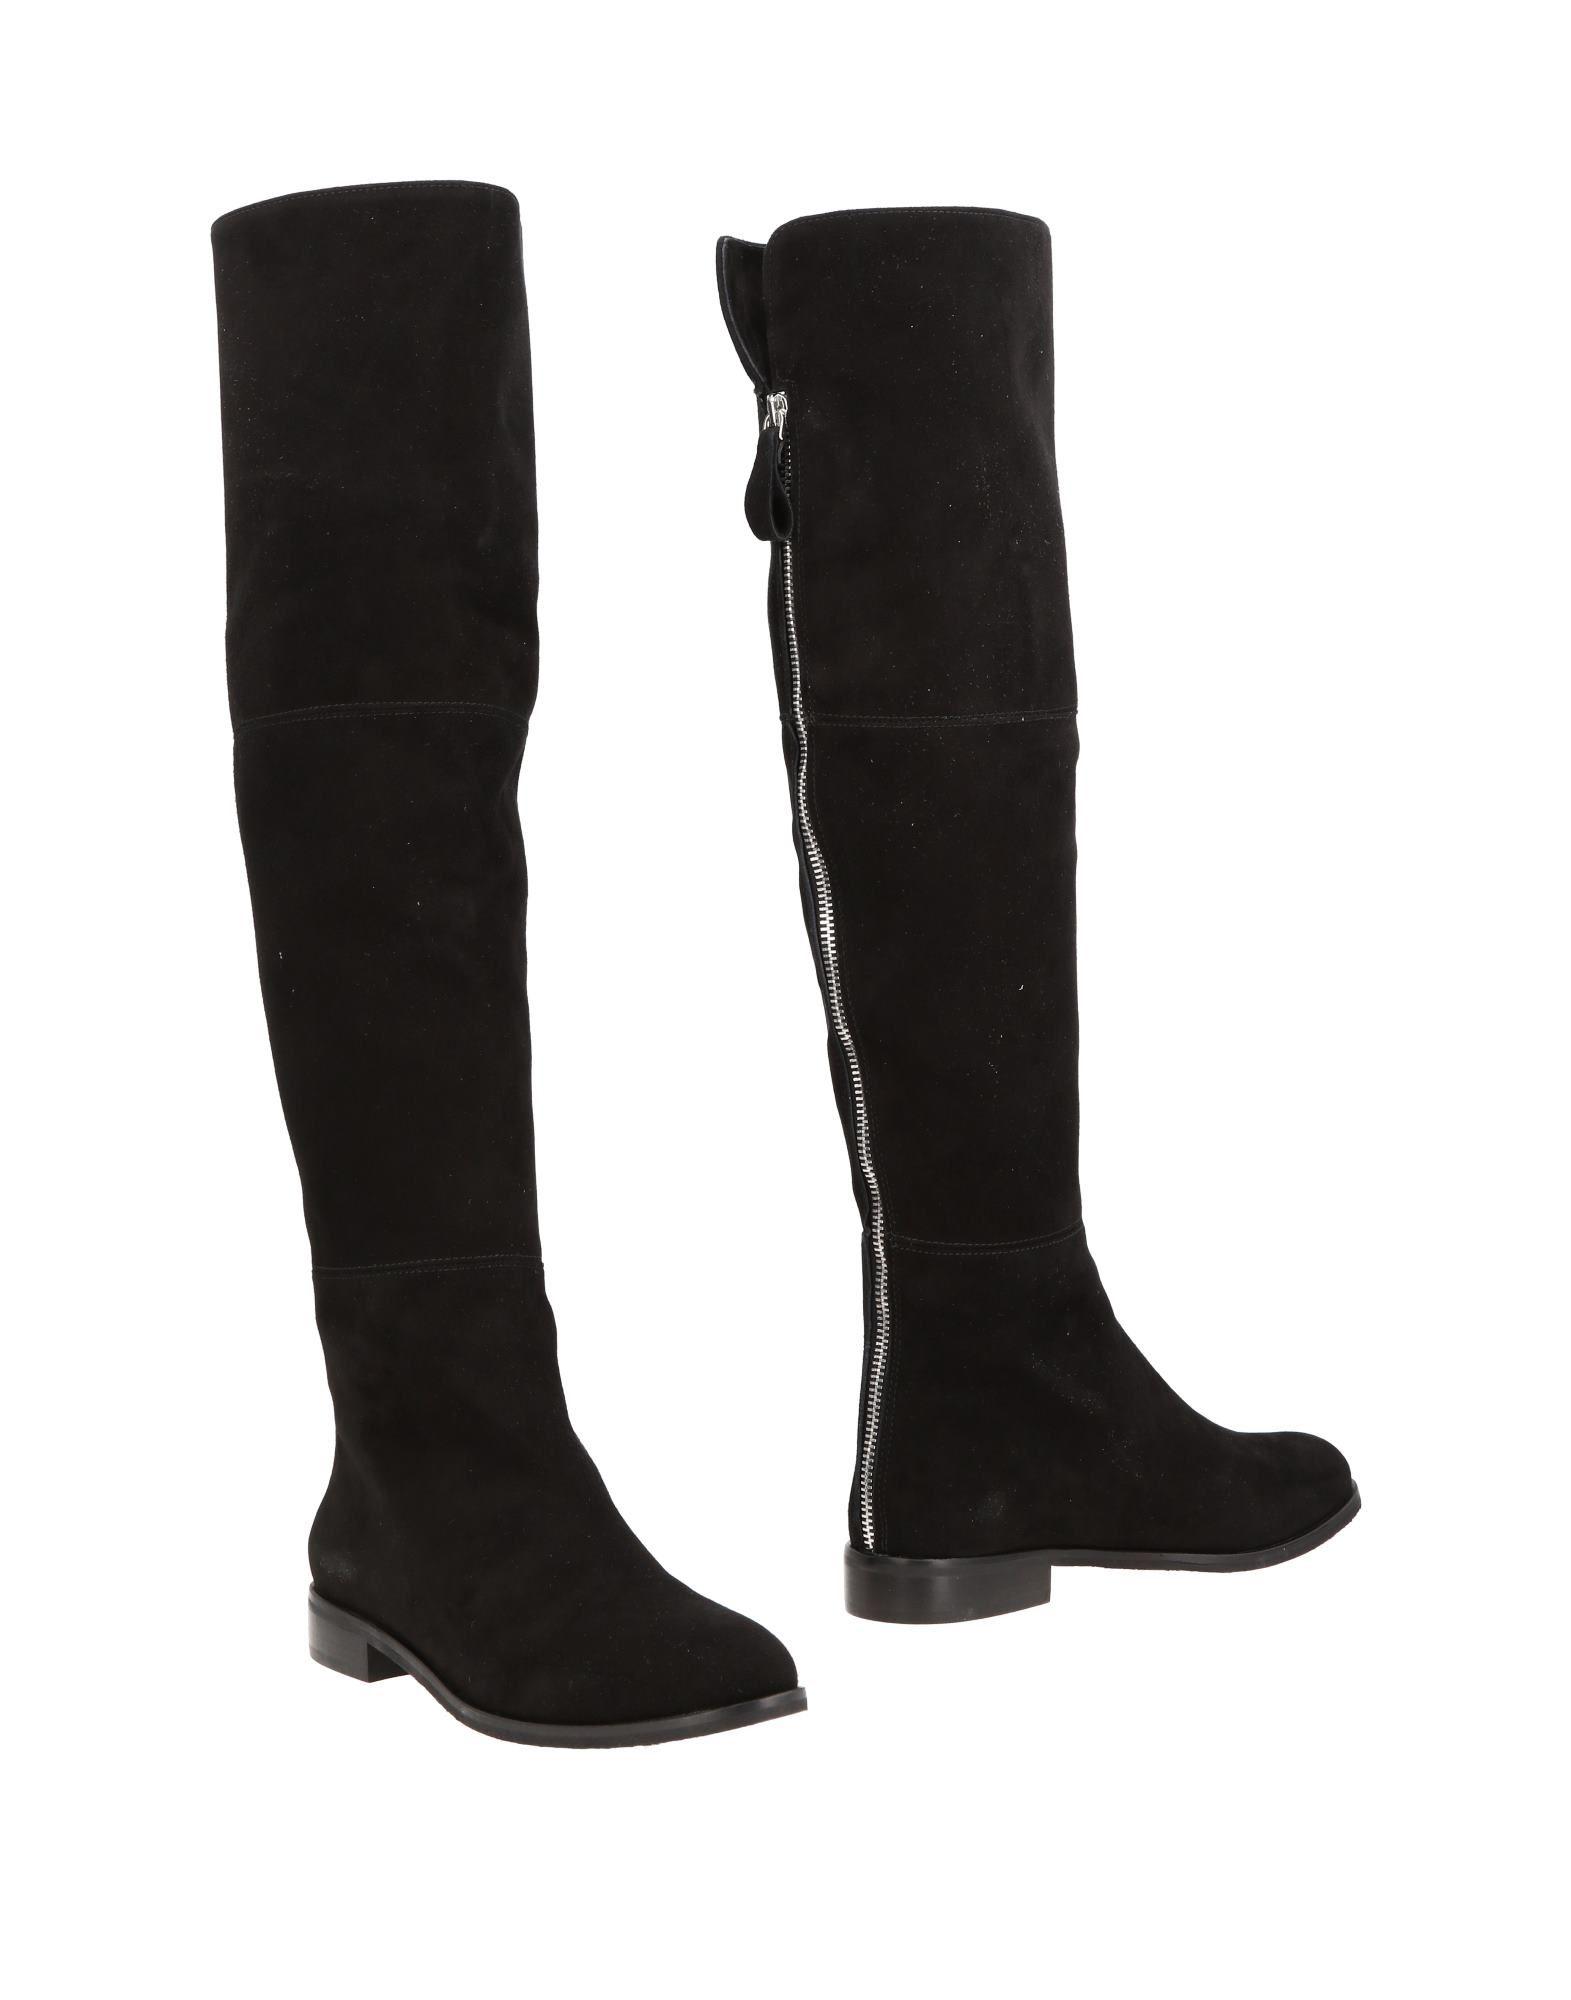 For You Stiefel Damen  11491374LMGut aussehende strapazierfähige Schuhe